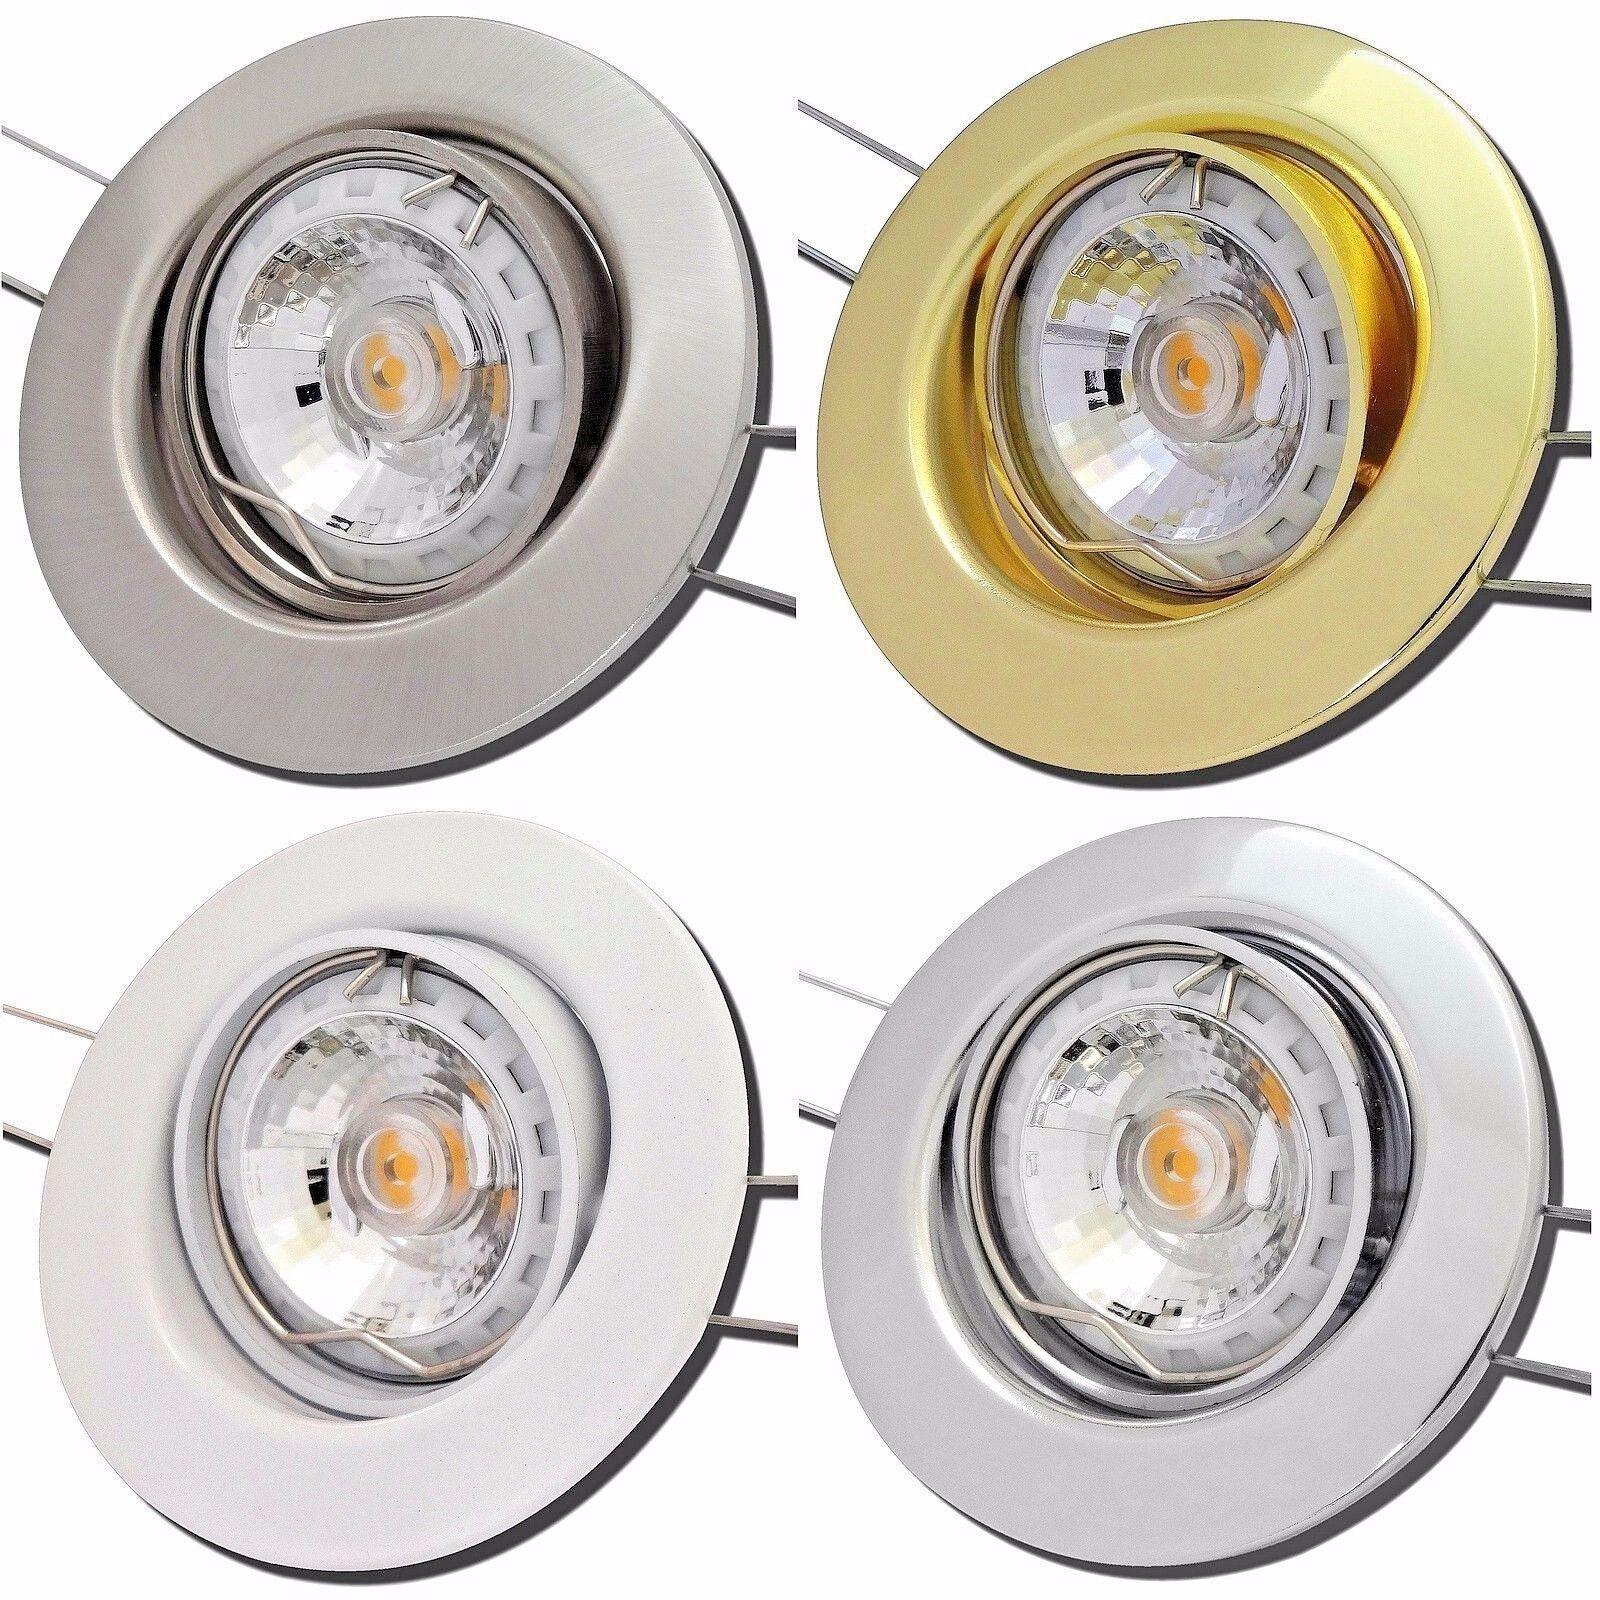 LED Einbauleuchten Lucy   7Watt   DIMMBAR   230V   Reflektor COB   EEK A+  IP20